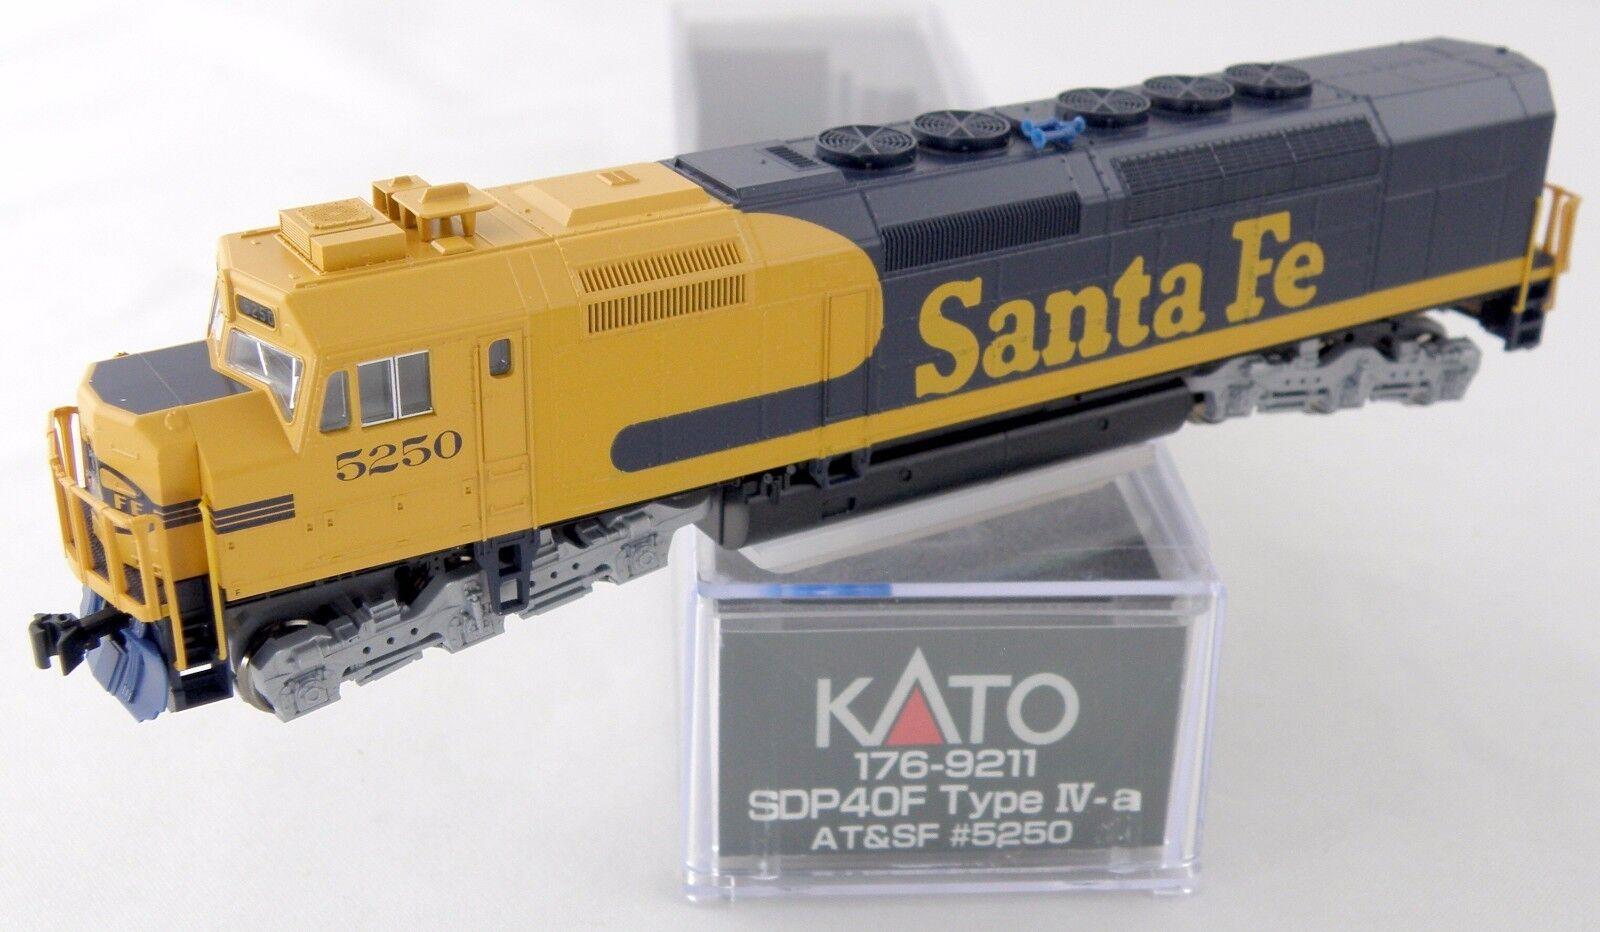 Escala N Locomotora Emd SDP40F (tipo IVA cuerpo) - AT&SF  5250 - Kato  176-9211